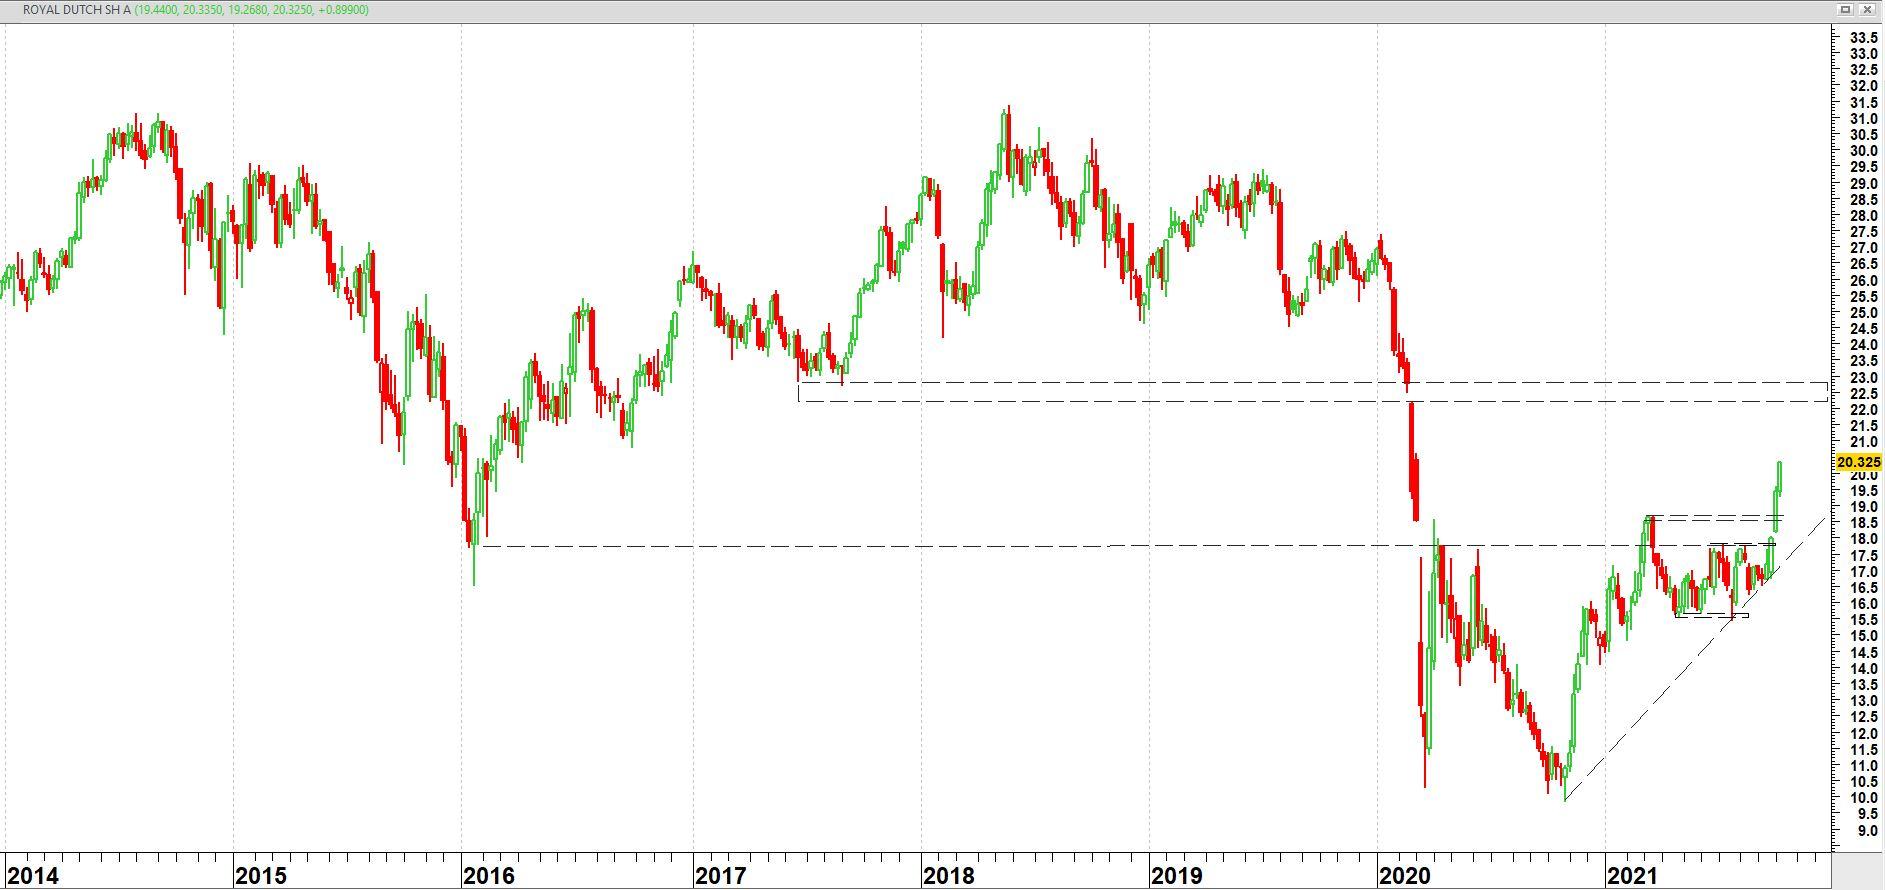 Royal Dutch Shell op weekbasis vanaf 2014